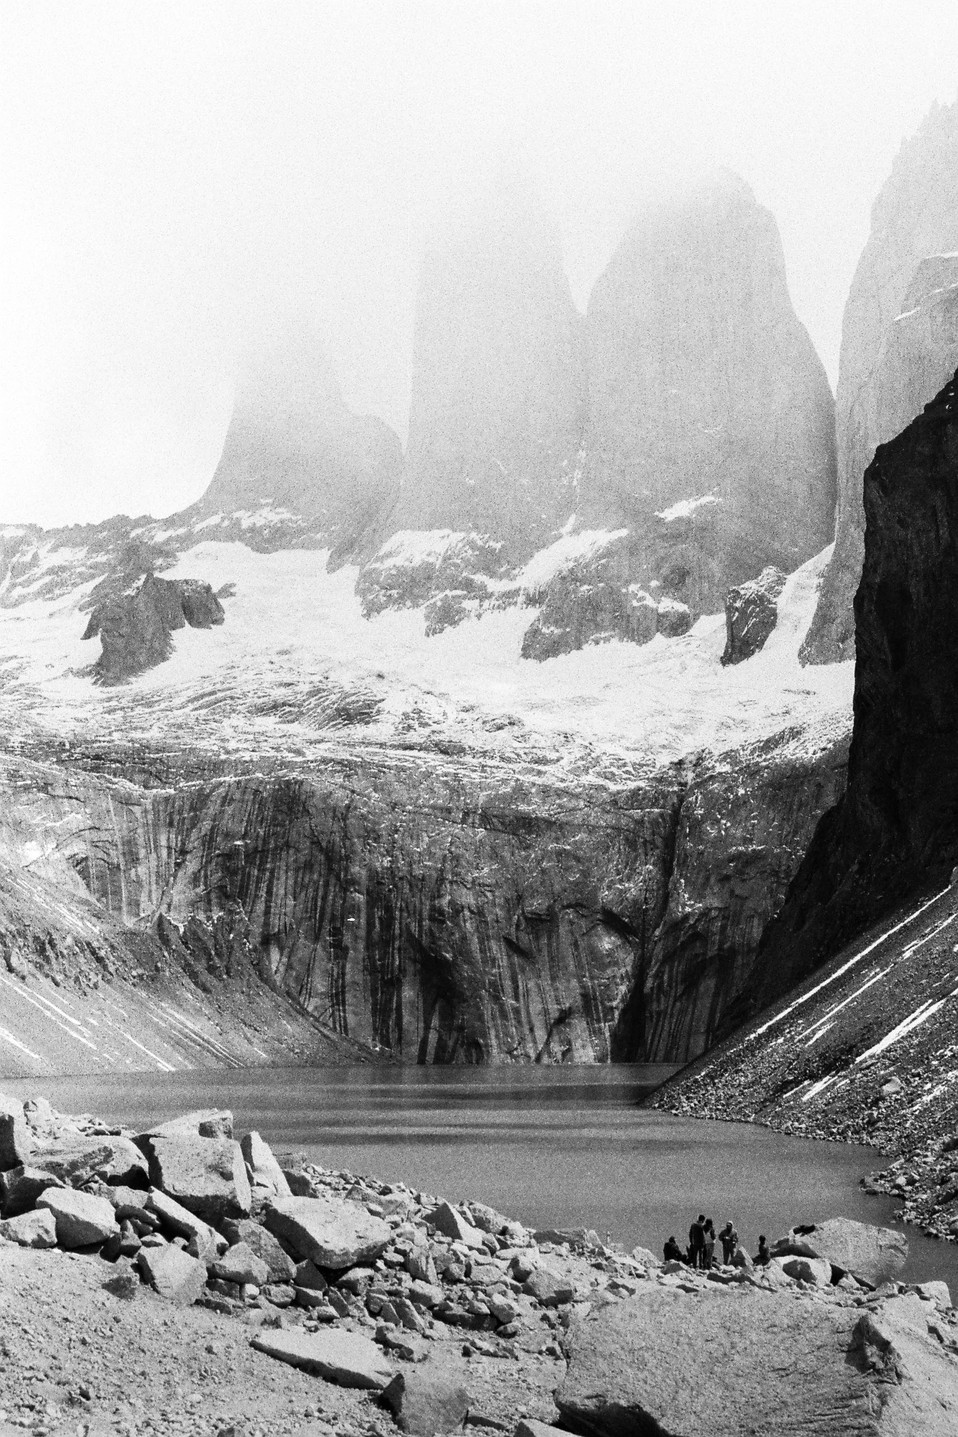 Torres del Paine Parque nacional Torres del Paine, Chile  . Analogic 2016 © Jérémy Pernet